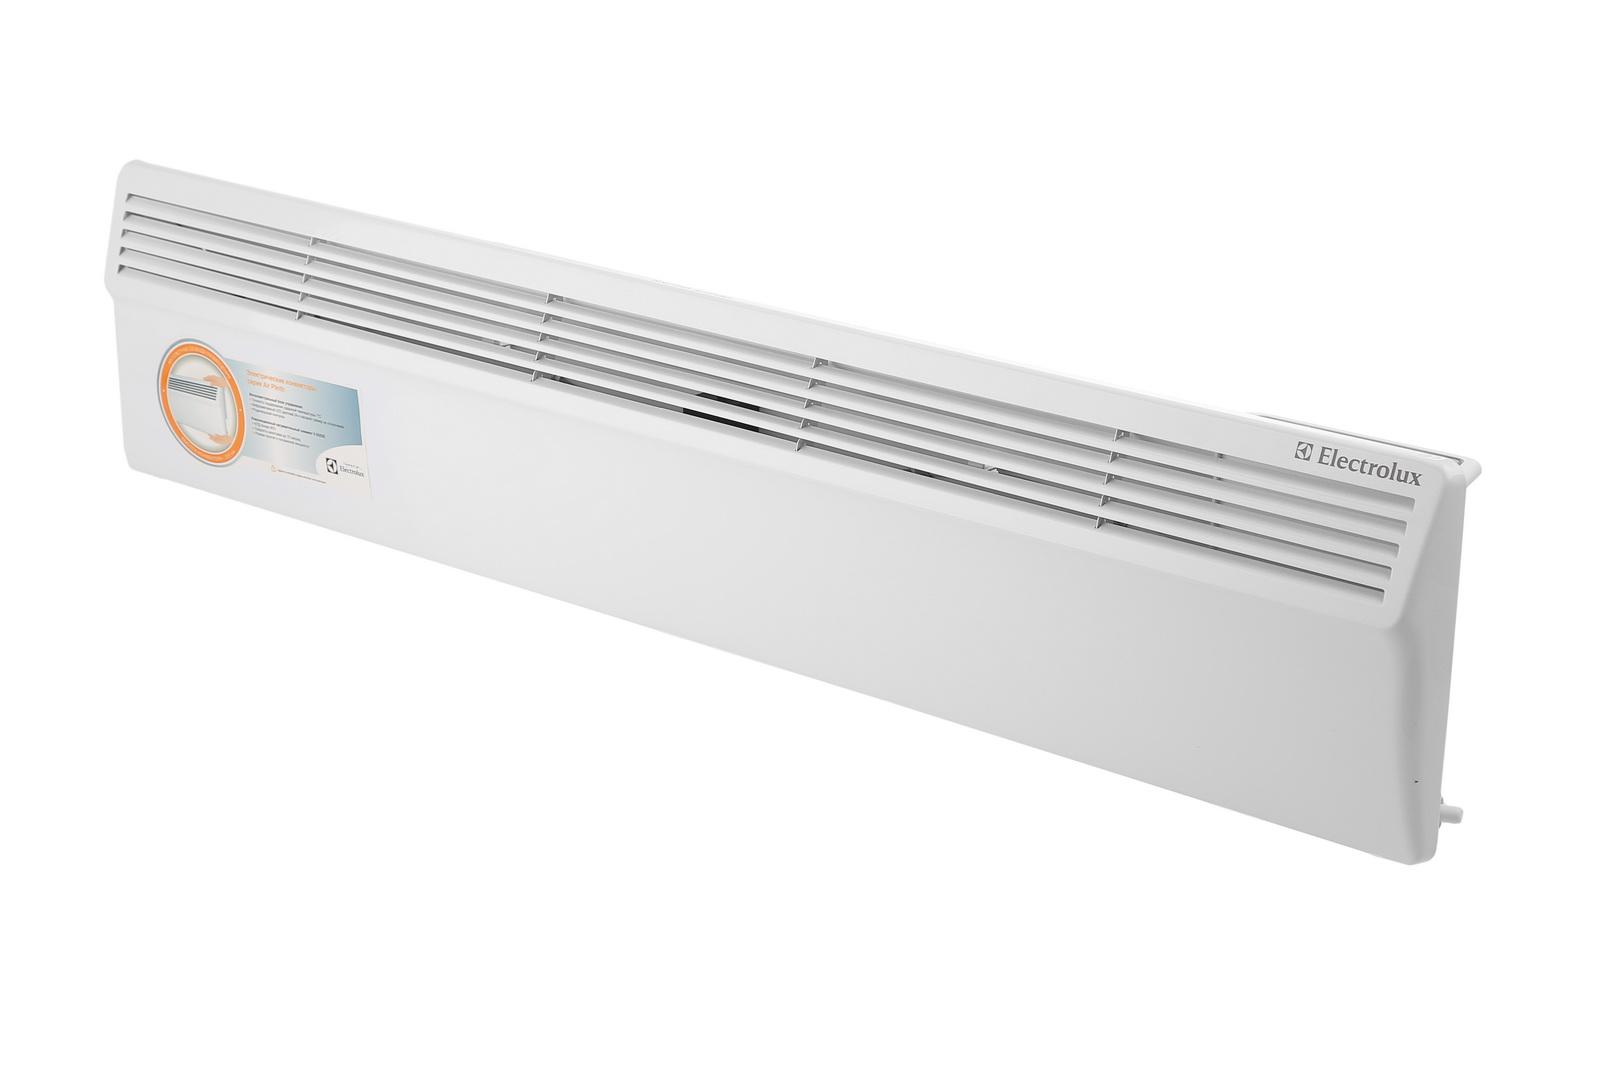 Конвектор Electrolux Ech/ag-1000 pe блок управления transformer electronic electrolux ech tue